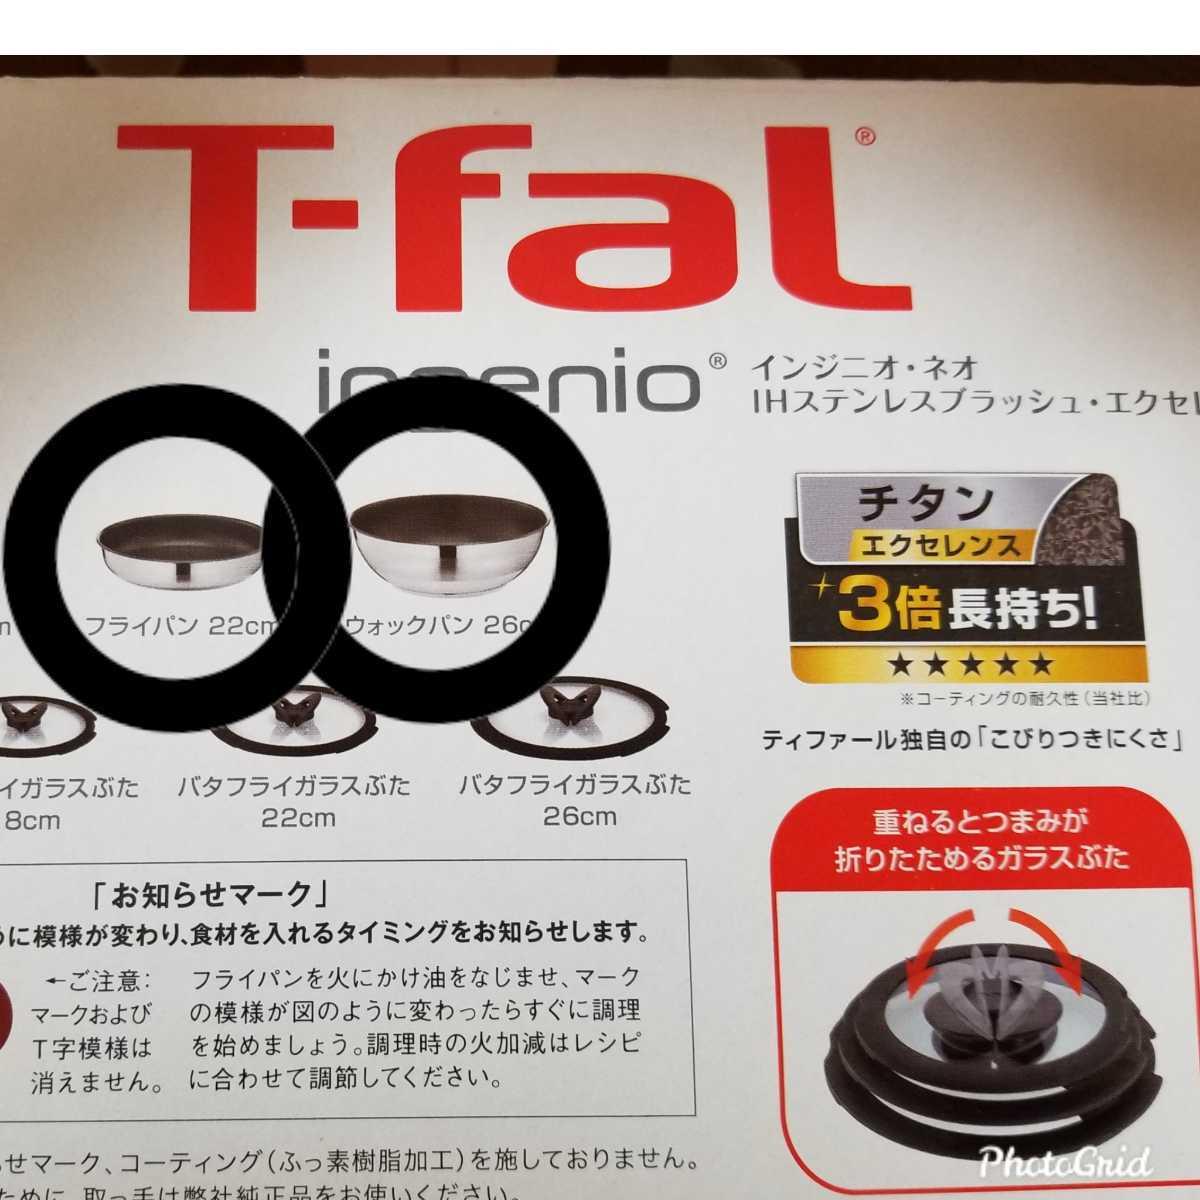 T-fal インジニオネオIH ステンレスブラッシュエクセレンス/フライパン&ウォックパン